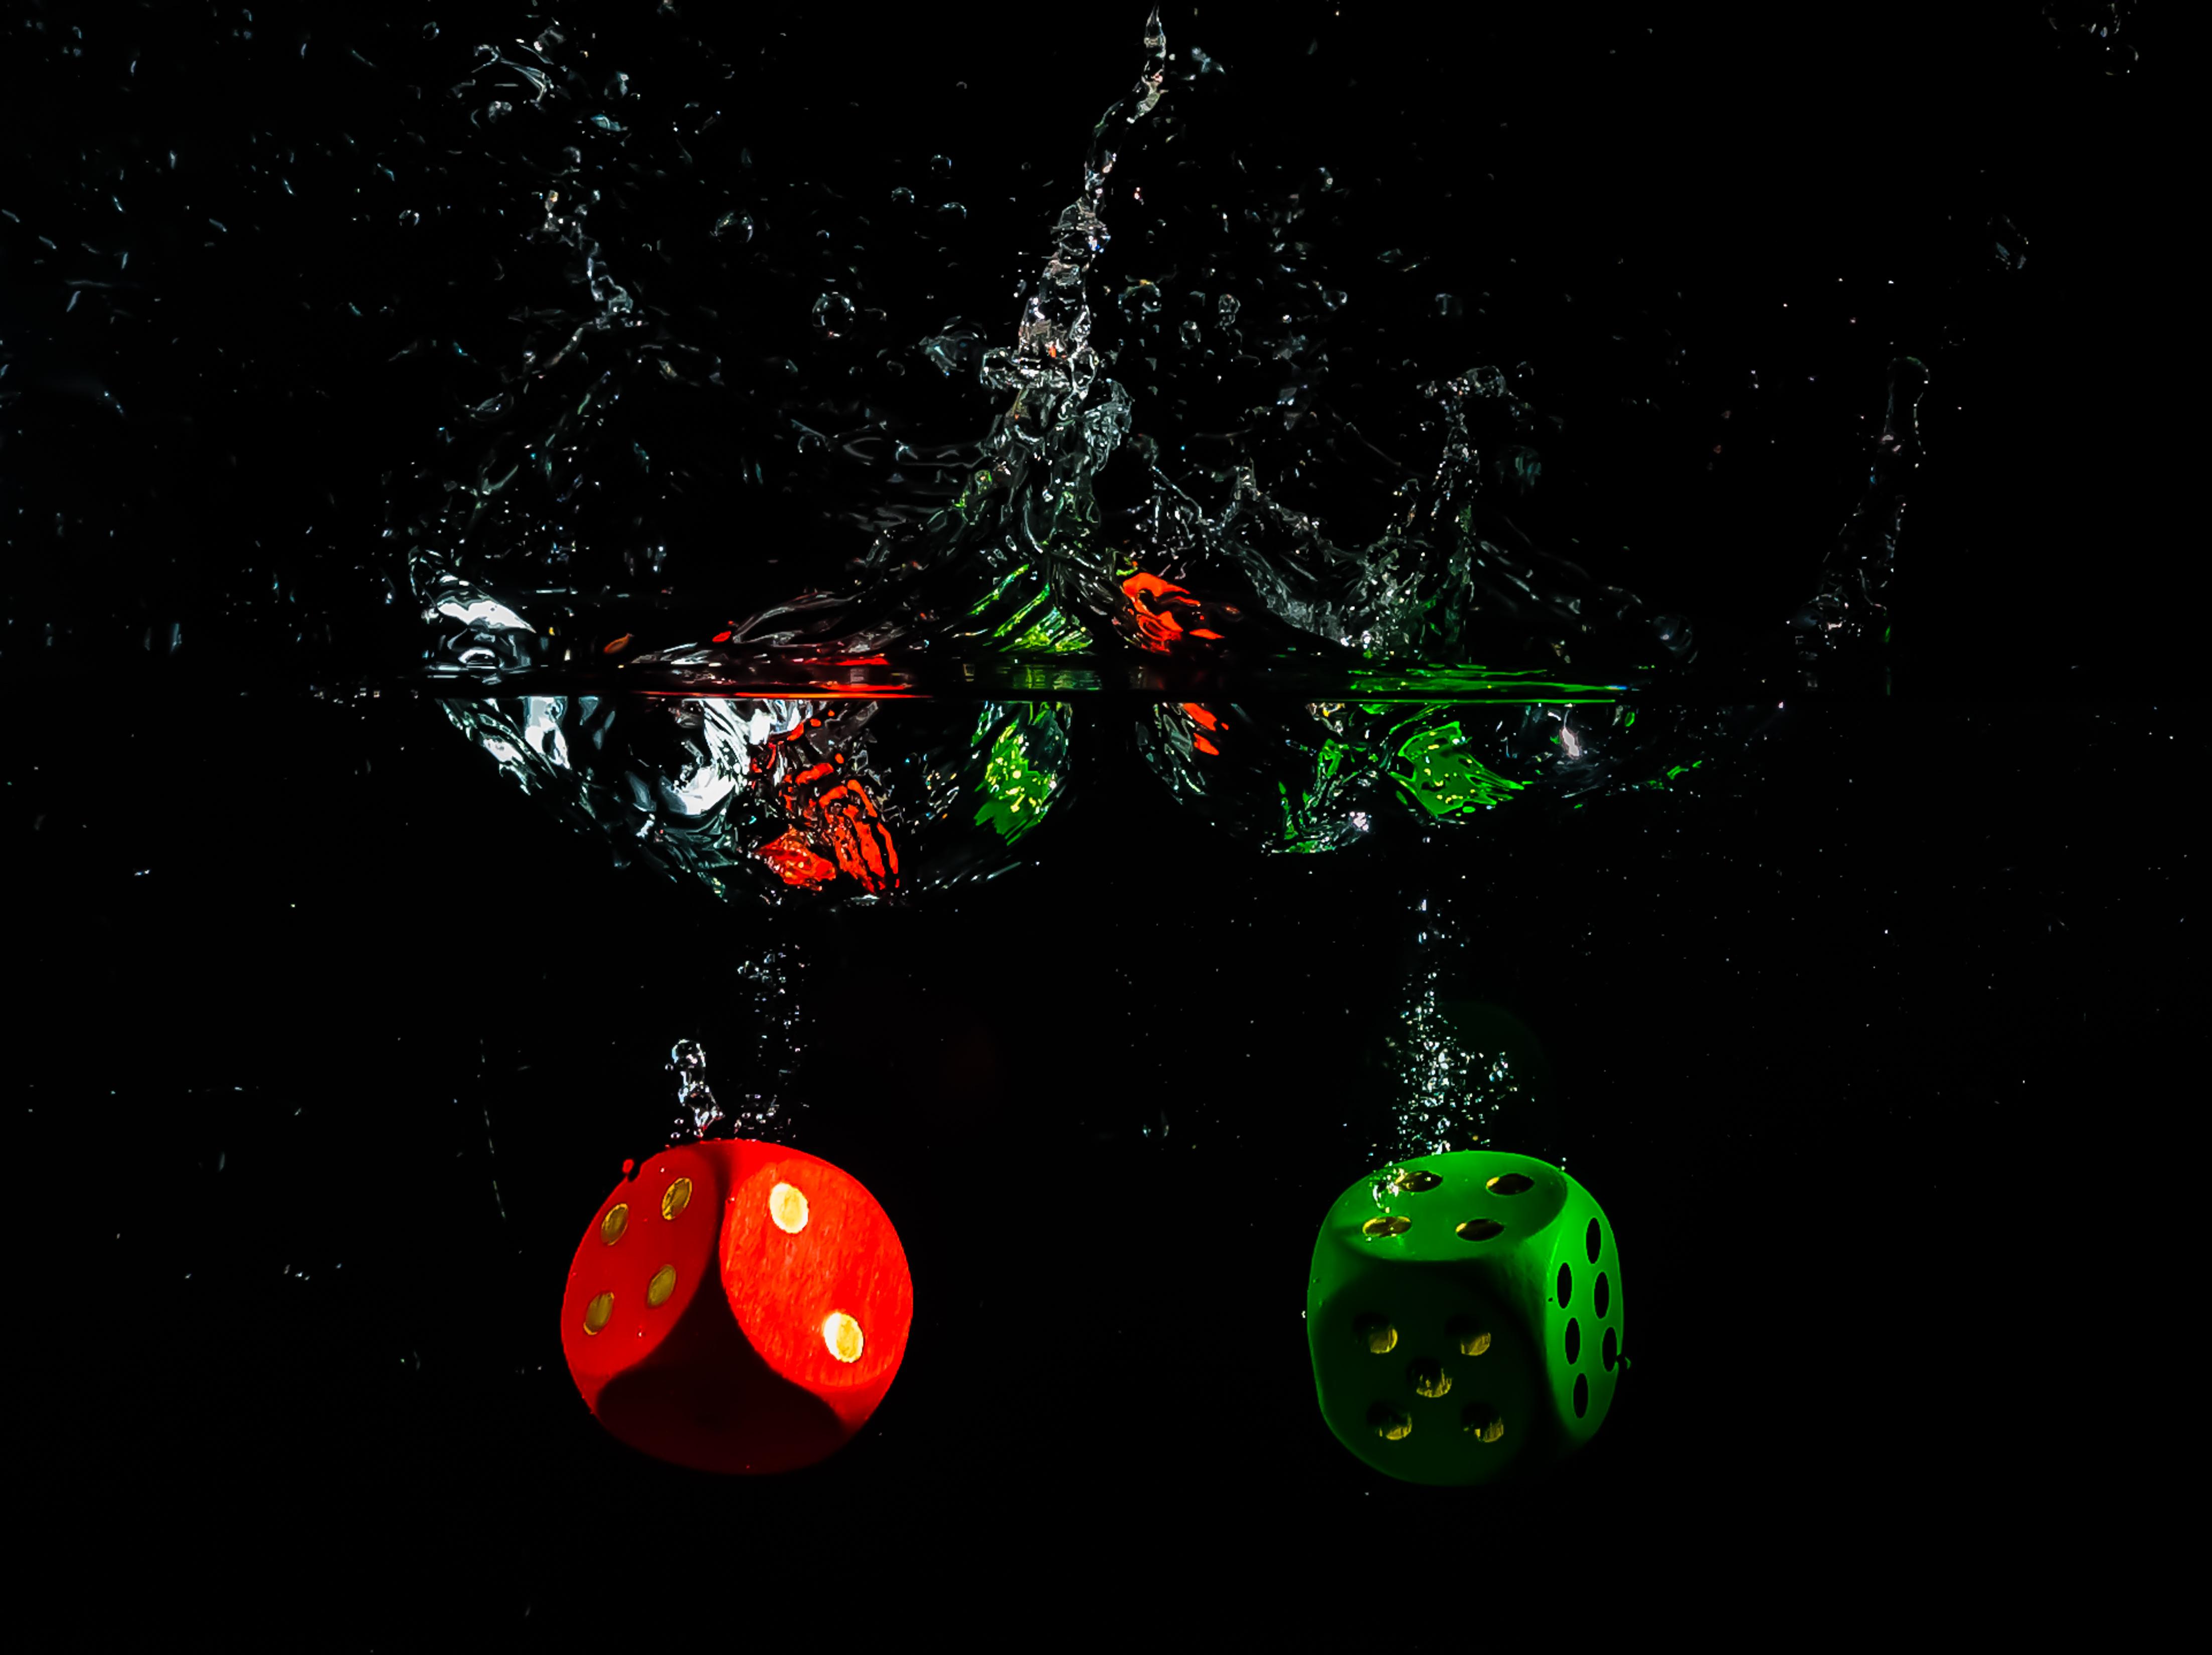 デスクトップ壁紙 夜 水 スペース 赤 緑 立方体 湿った